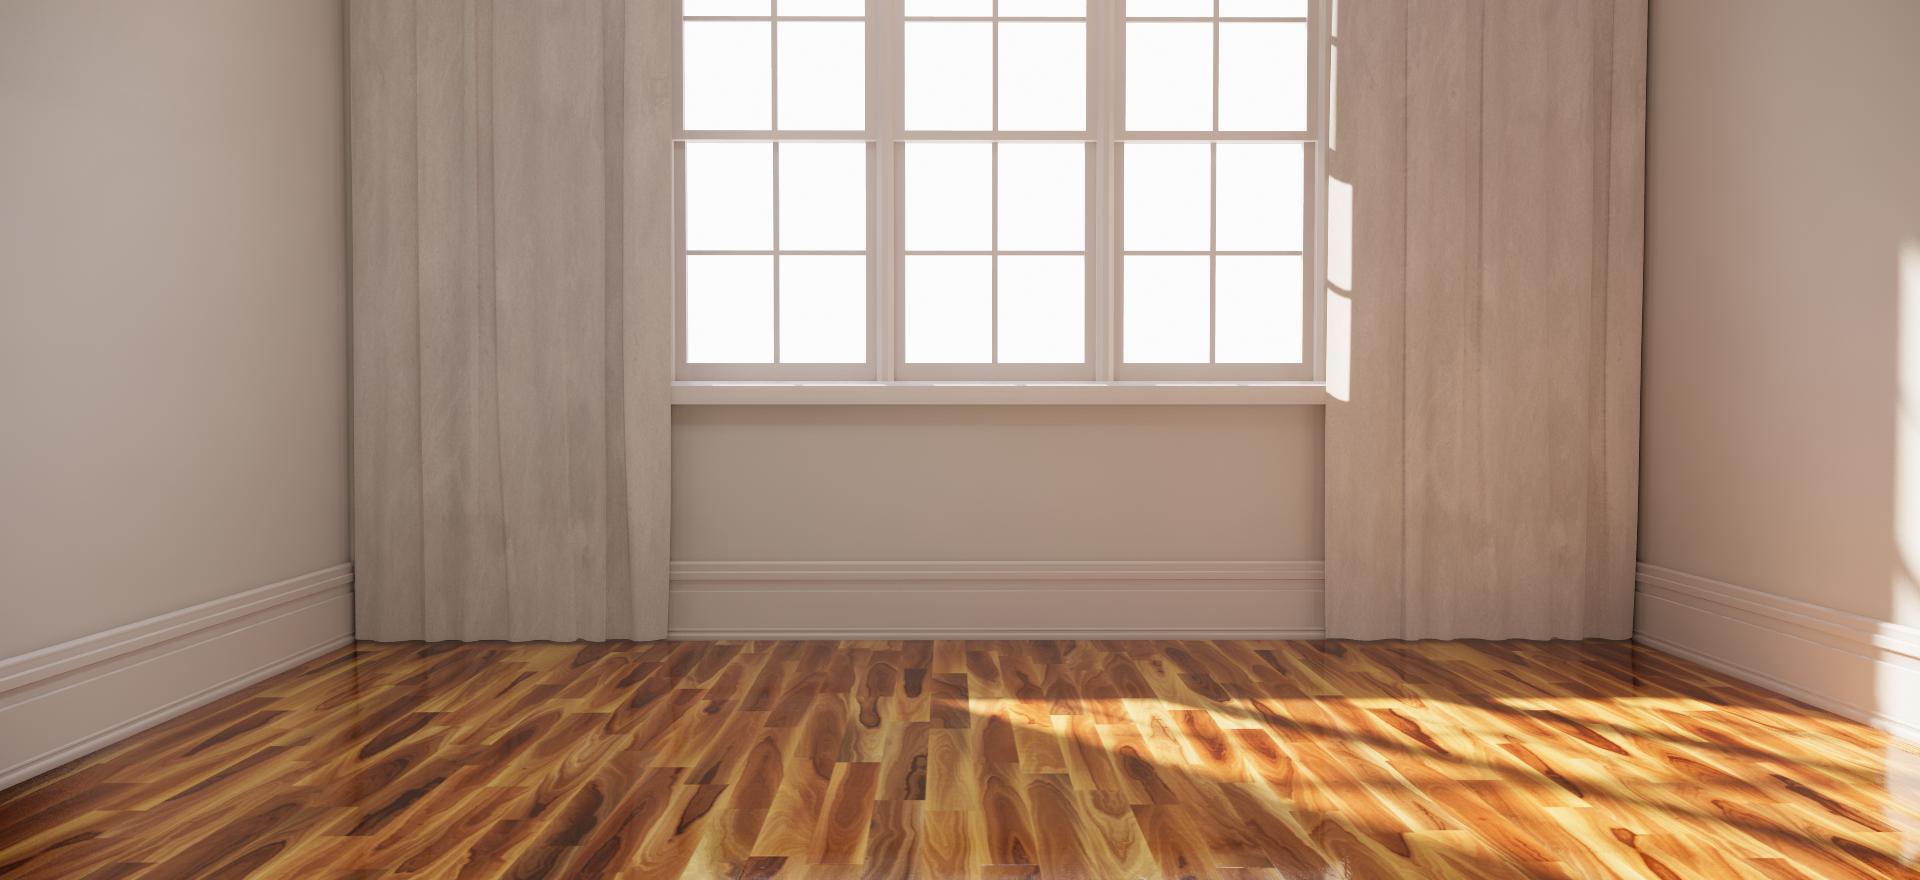 Wood Flooring 25.png